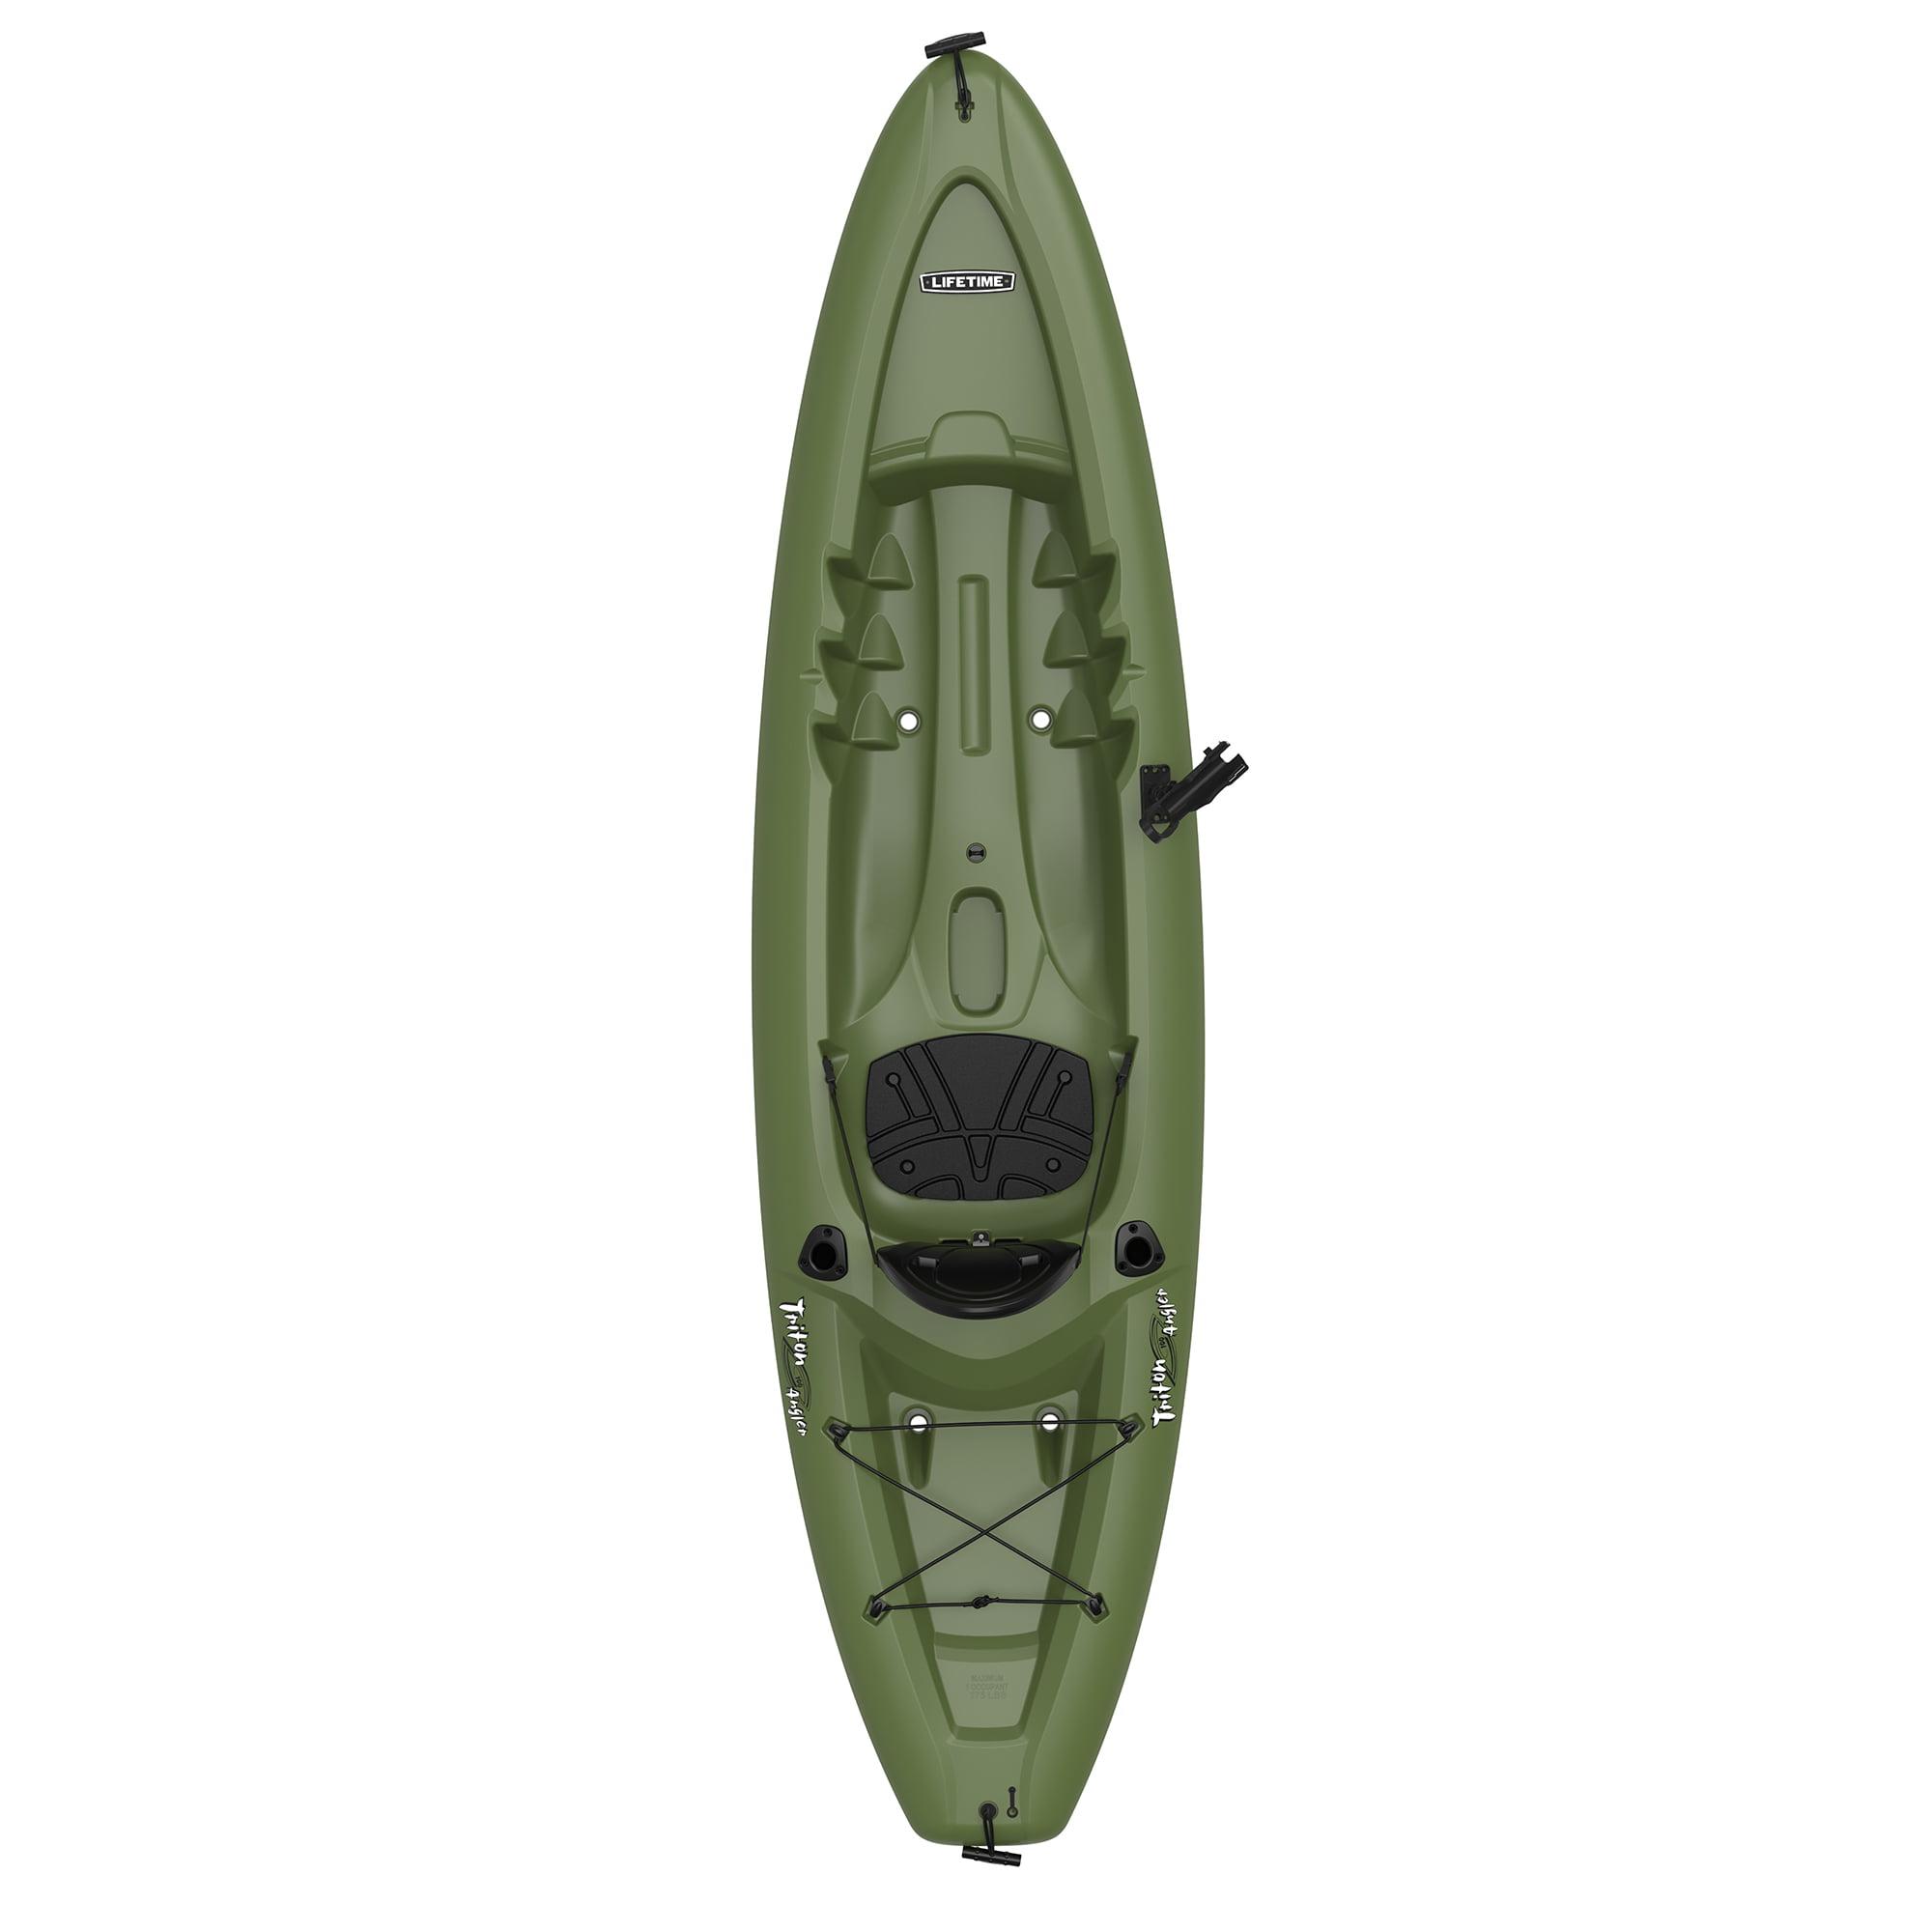 Lifetime Triton Angler 10 Ft Fishing Kayak Green 90793 Walmart Com Walmart Com